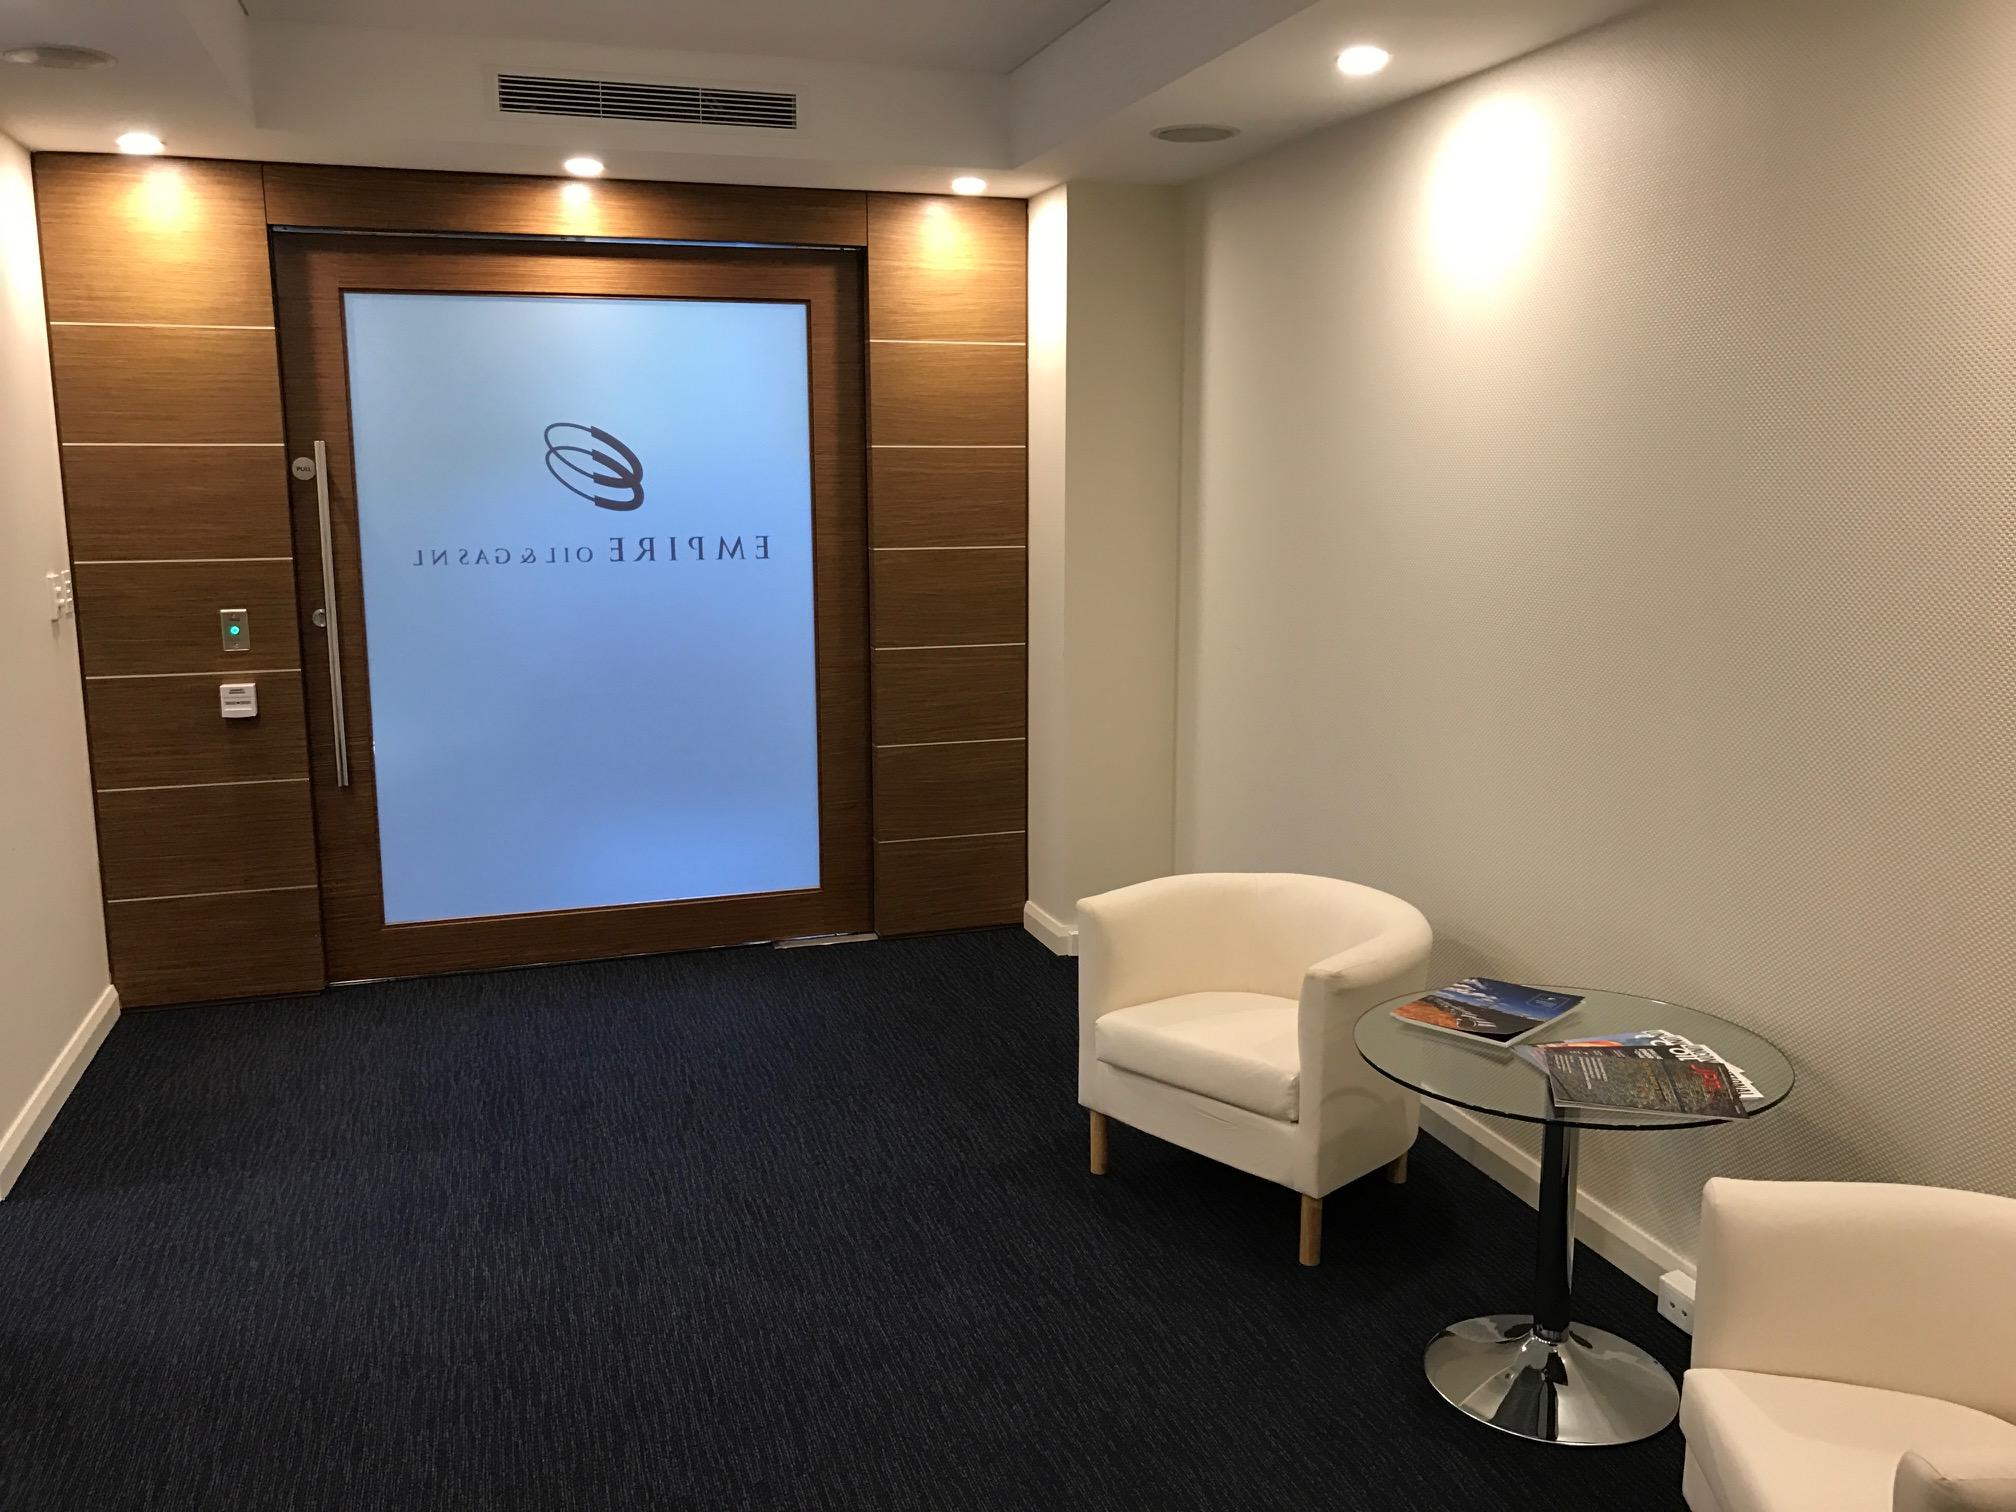 Ground Floor Entry door